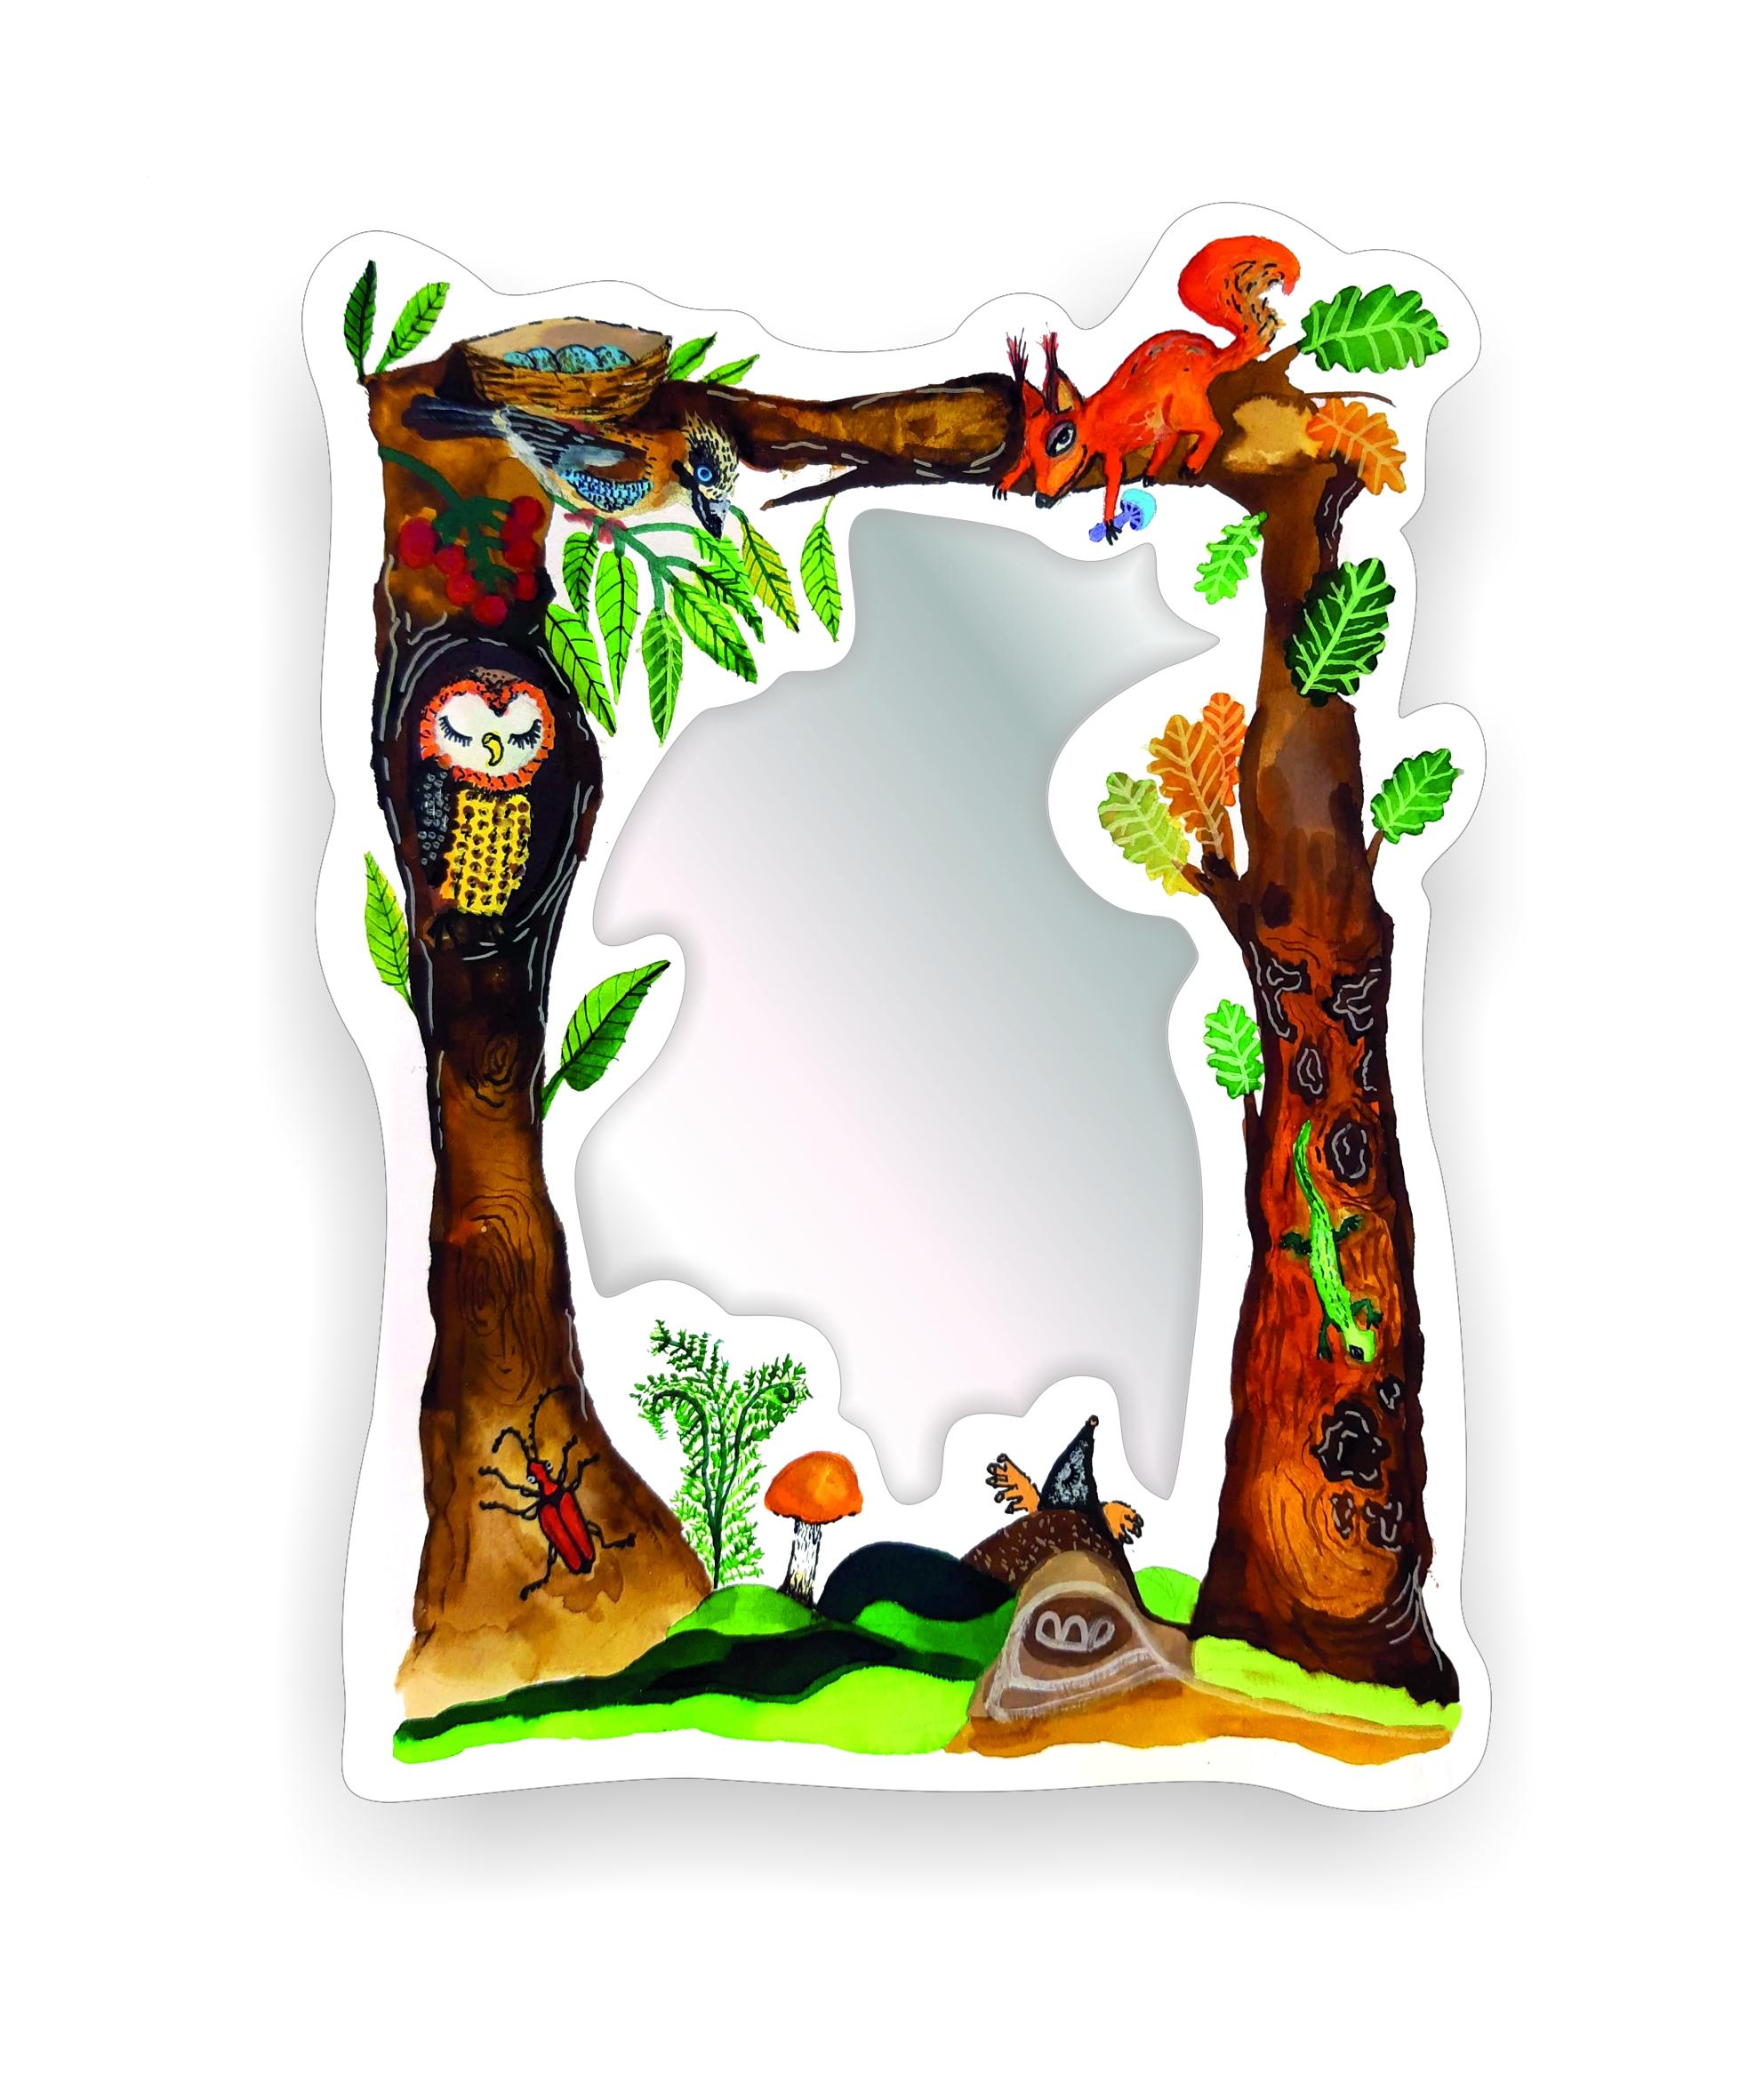 Dětské zrcadlo Zvířátka